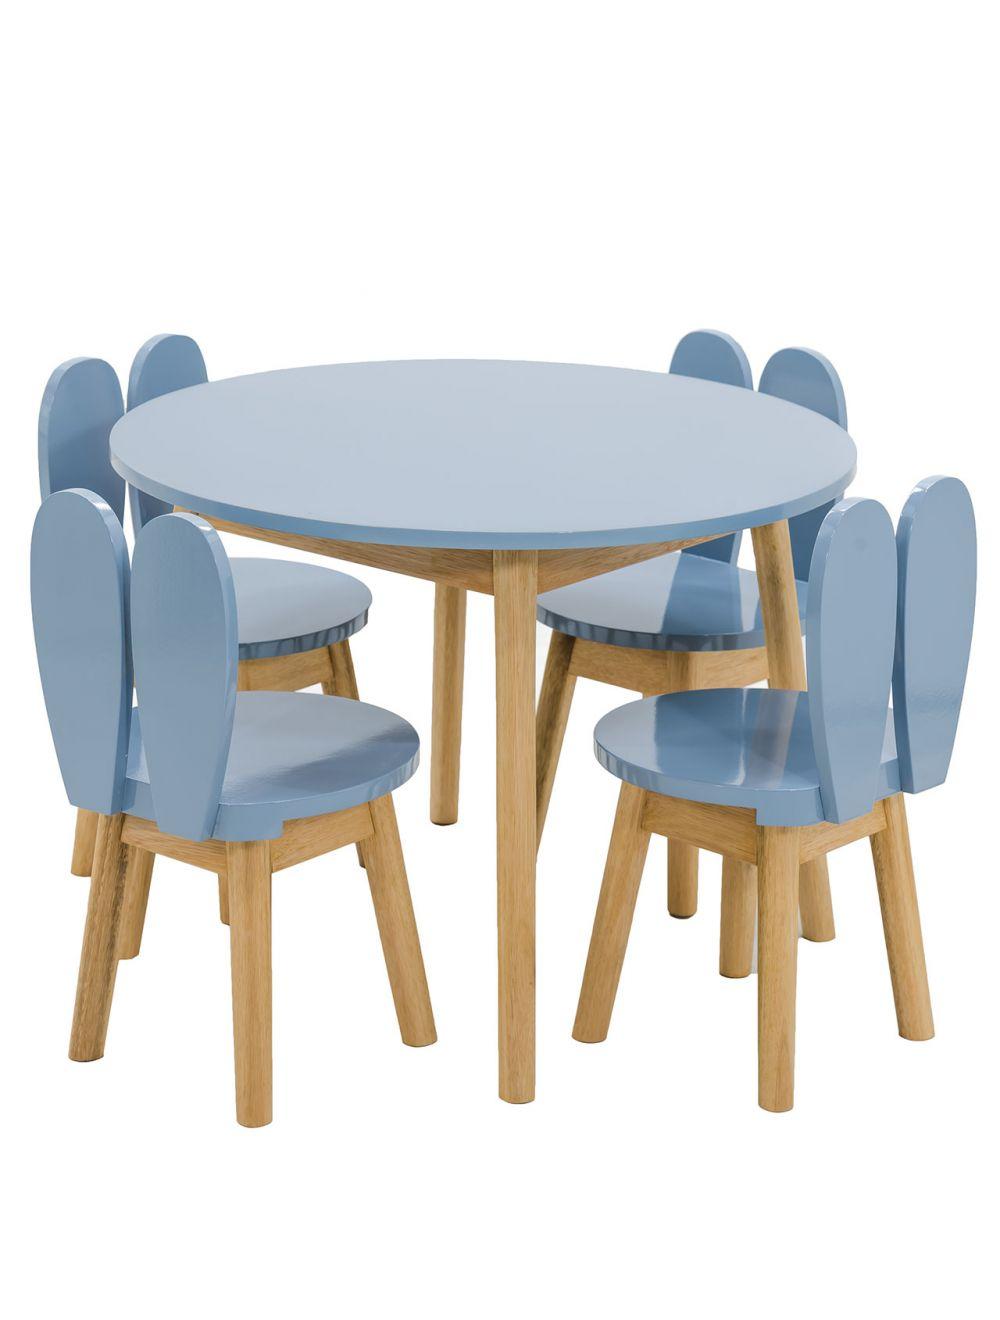 Image of: Conjunto Infantil Colorido Mesa Com Cadeiras Coelho Azul Grafite E Madeira Cores